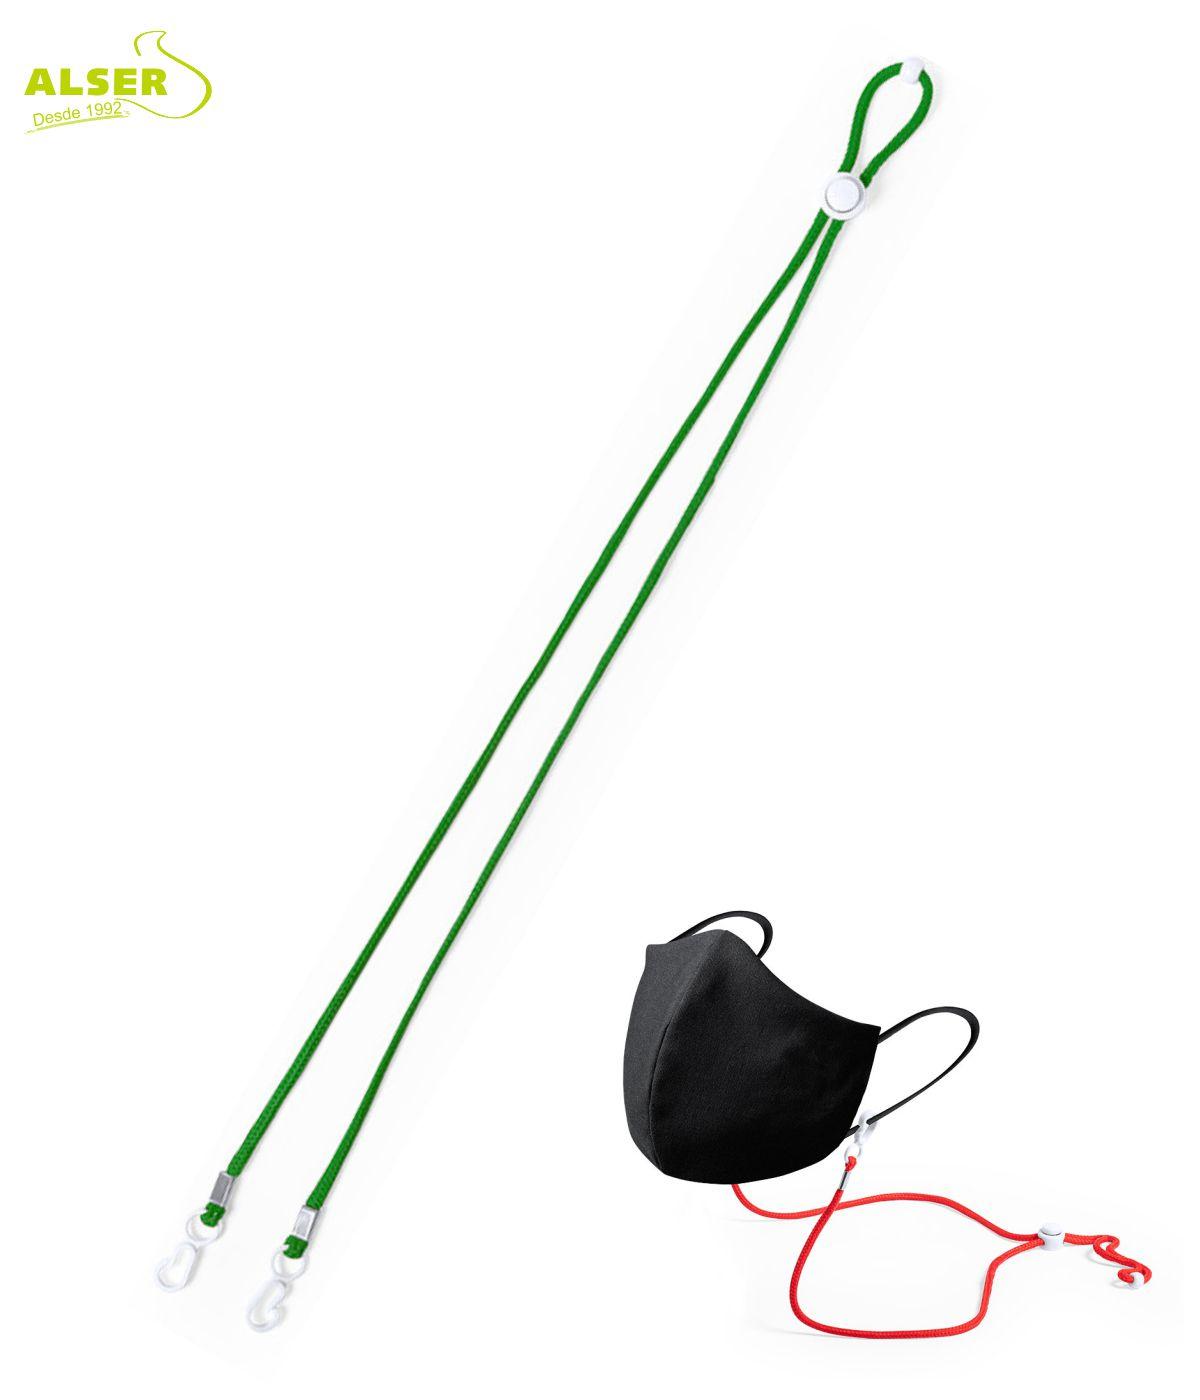 Cordon cuelga mascarillas verde